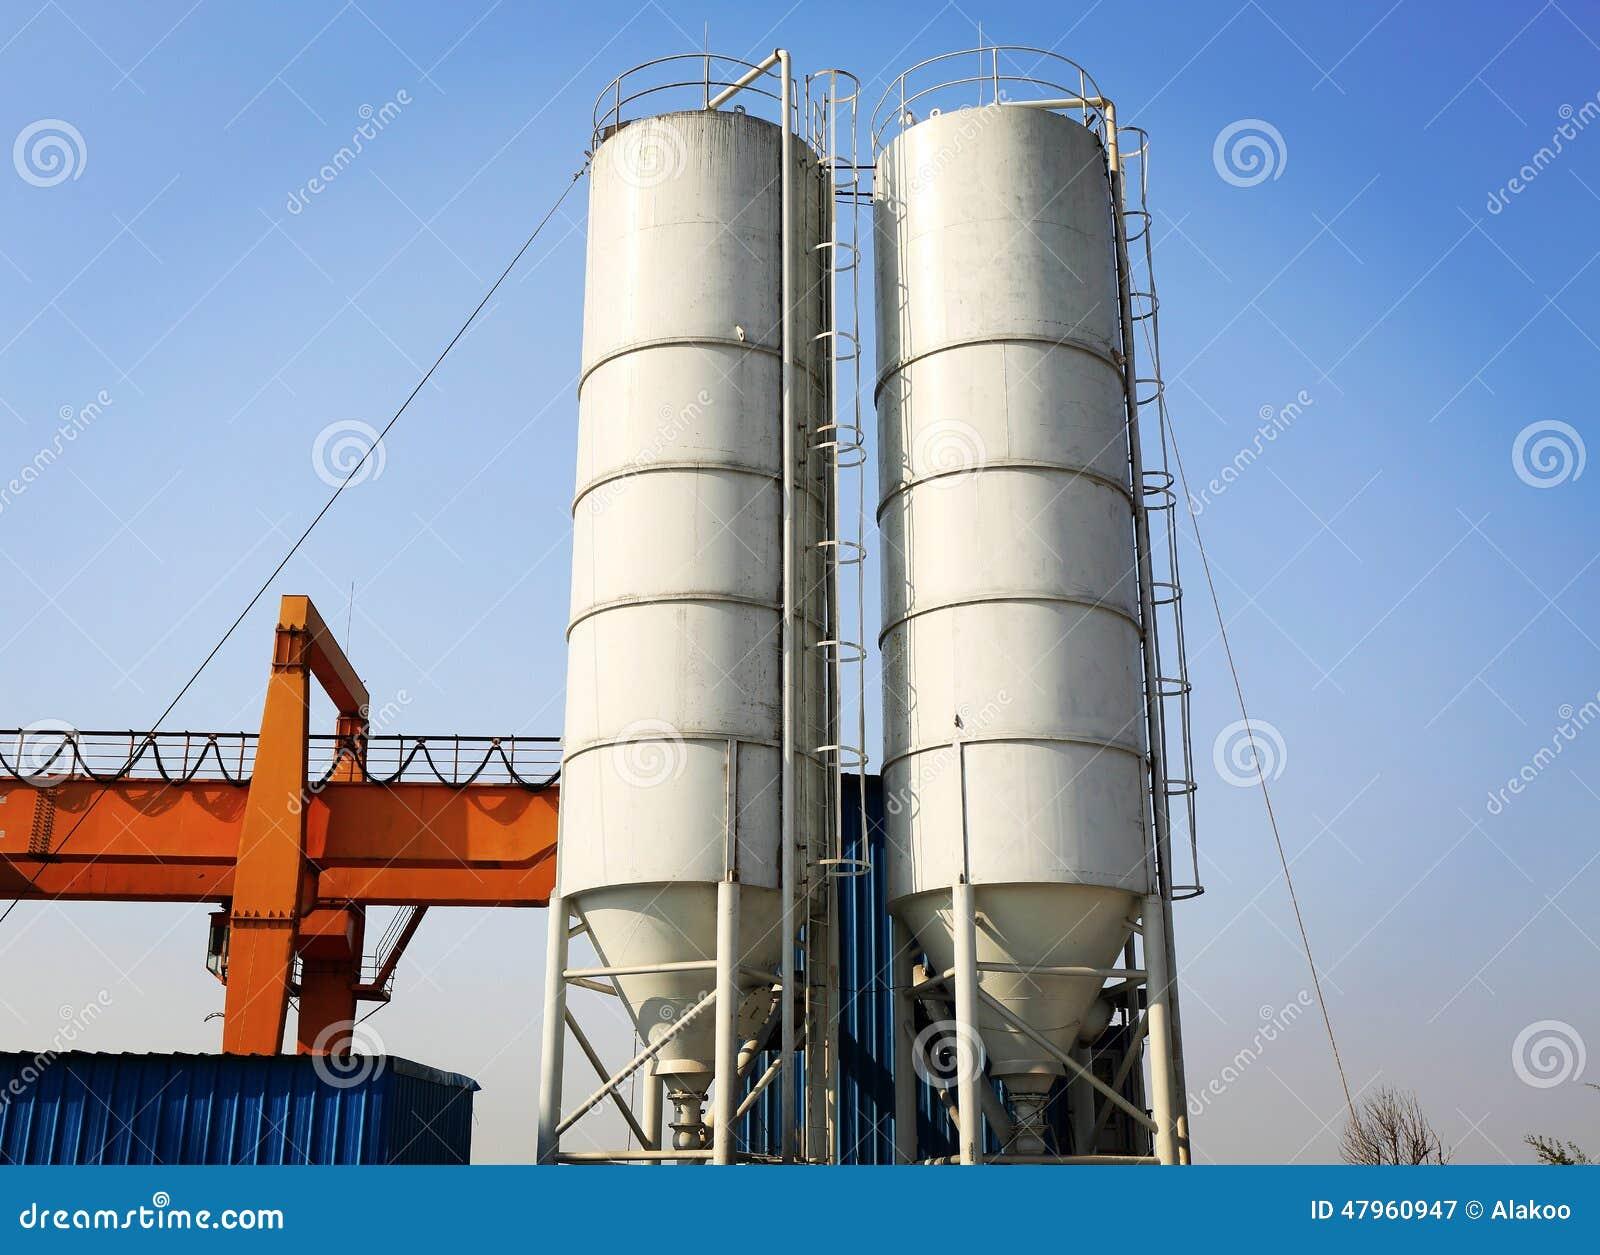 Silo de cimento industrial na fábrica do cimento, tanque do cimento, torre do armazenamento do cimento